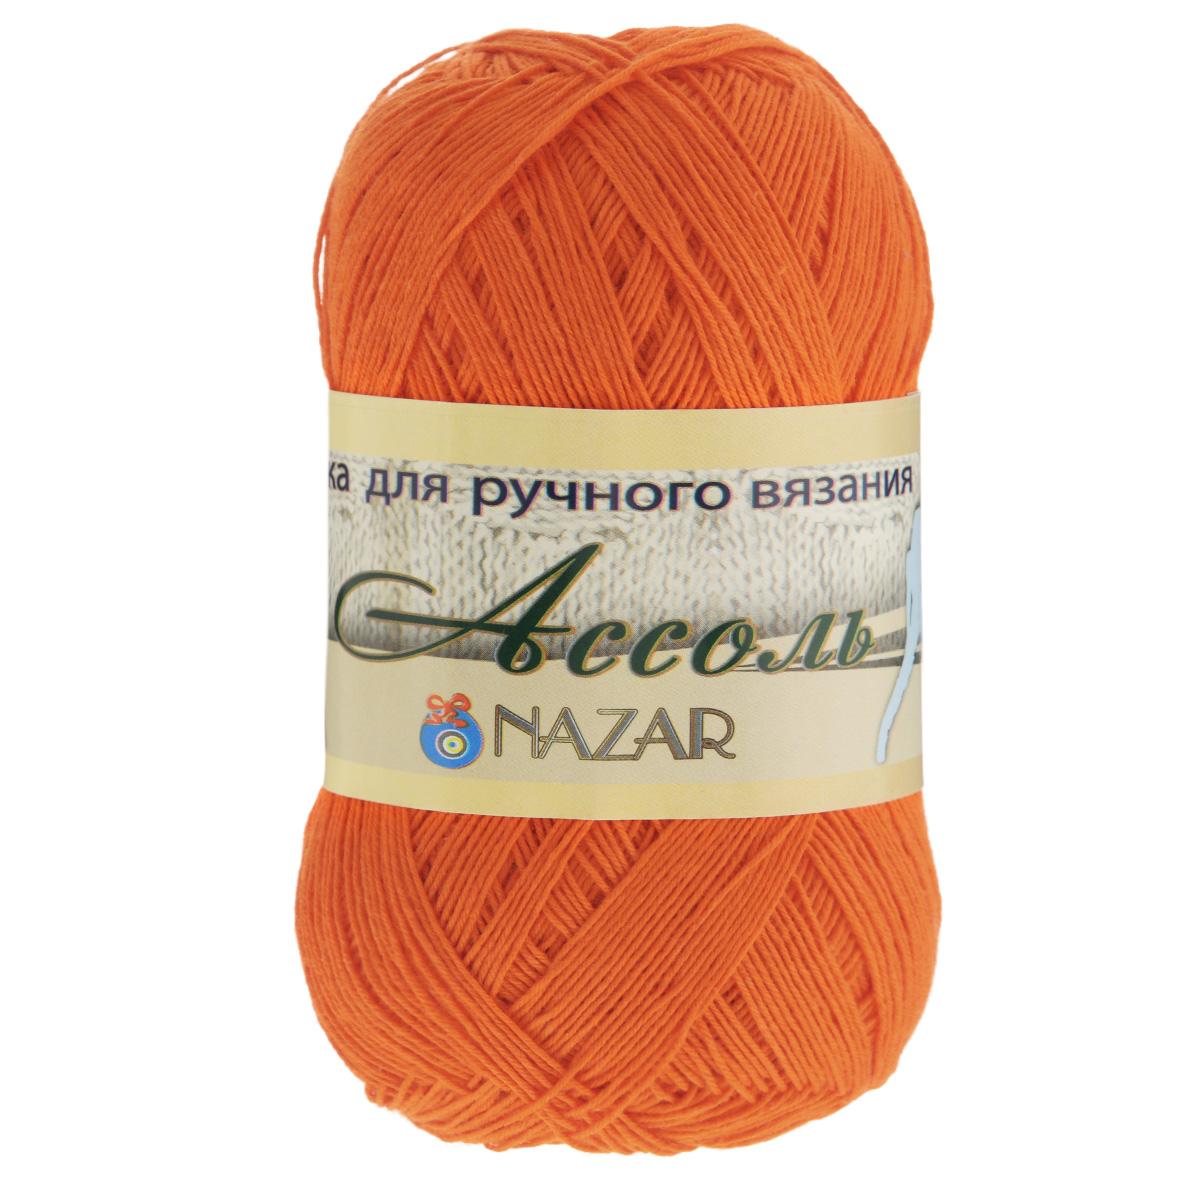 Пряжа для вязания Nazar Ассоль, цвет: оранжевый (1630), 500 м, 50 г, 10 шт349025_1630Nazar Ассоль - это превосходная пряжа, изготовленная из 100% хлопка. Пряжа не имеет эффекта ваты и позволяет вязать ажурные летние изделия спицами или крючком в 2 сложения или теплые вещи в 4-5 сложений. Из такой пряжи хорошо смотрятся рельефные узоры. Рекомендуемые спицы 2 мм, крючок 2 мм. Количество мотков: 10 шт. Состав: 100% хлопок.